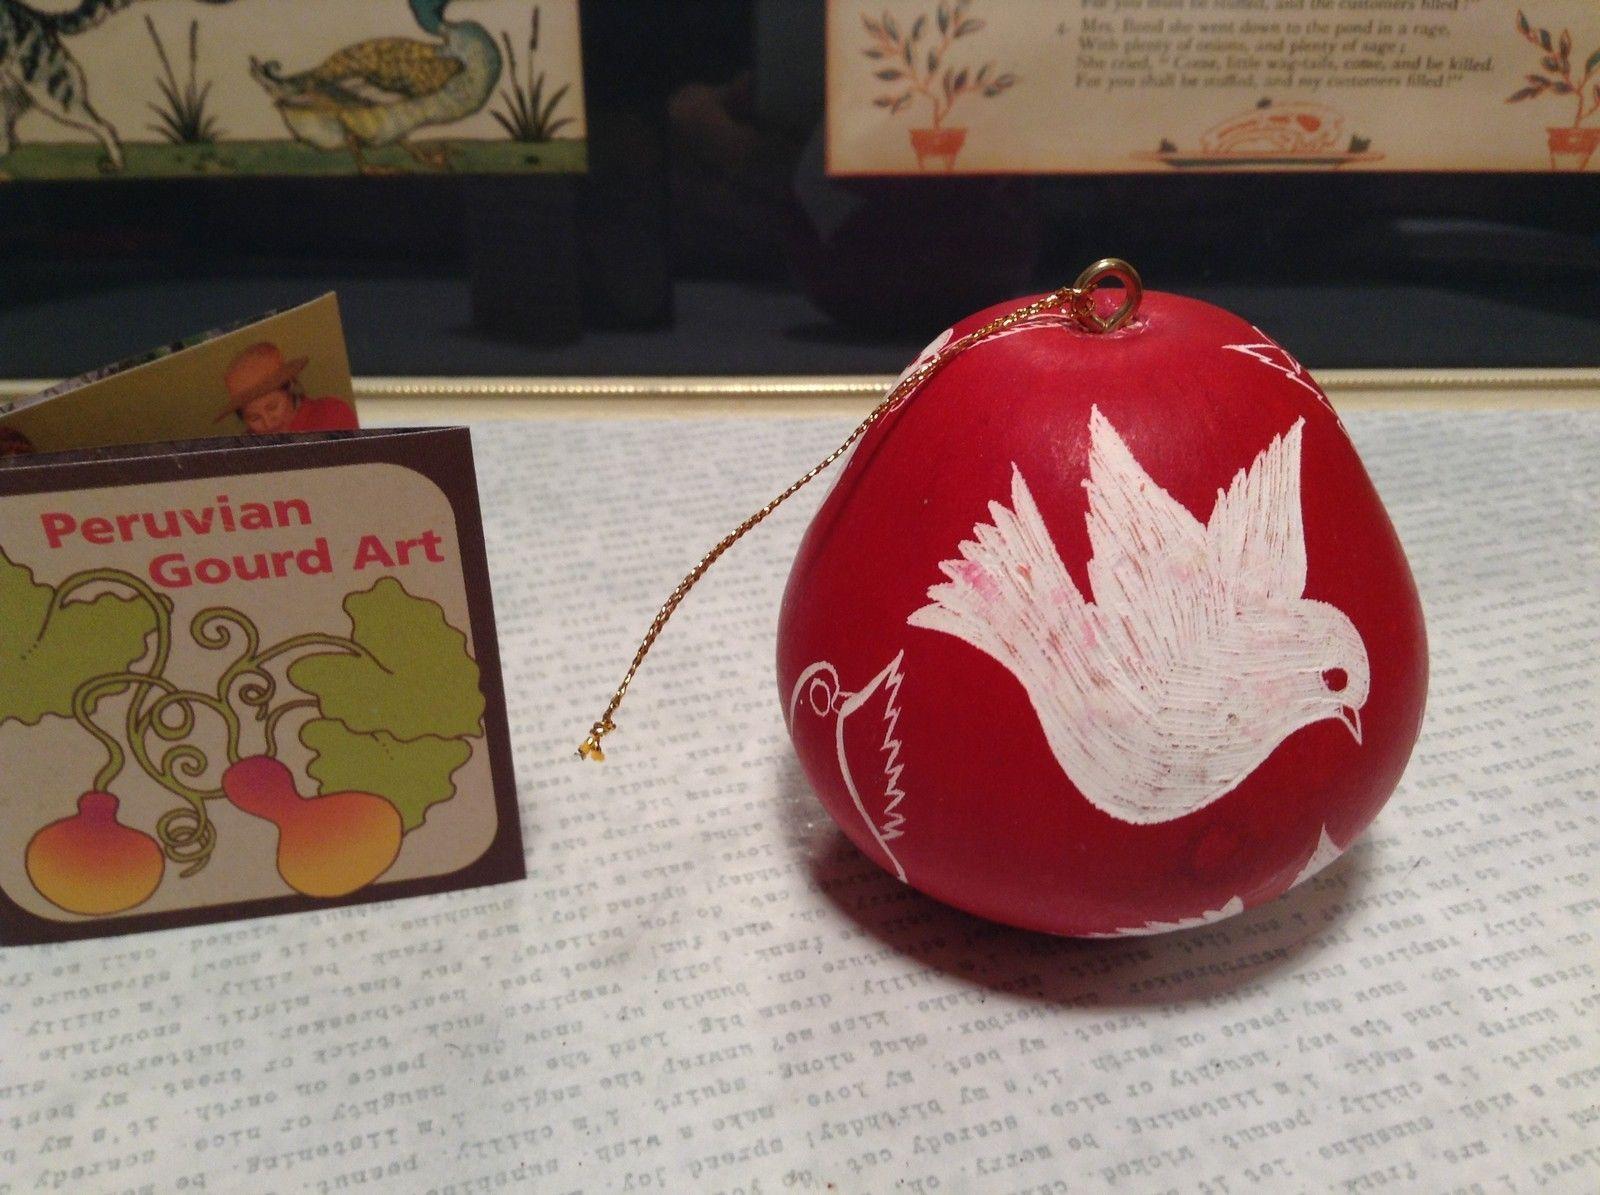 Hand Carved Peruvian Gourd Art Red with White Birds Lucuma Designs Made in Peru